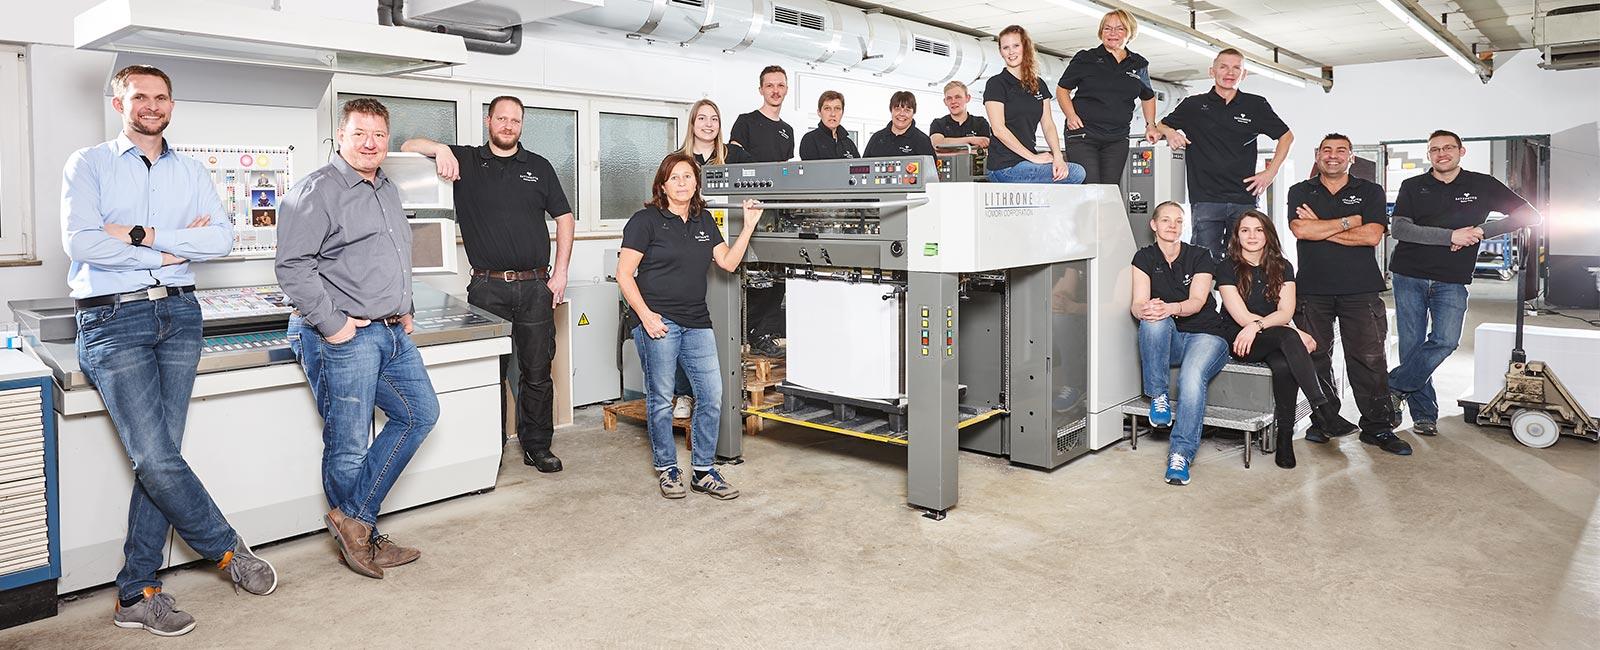 Team Druckerei Satzdruck Coesfeld NRW - Ihre Druckerei im Münsterland